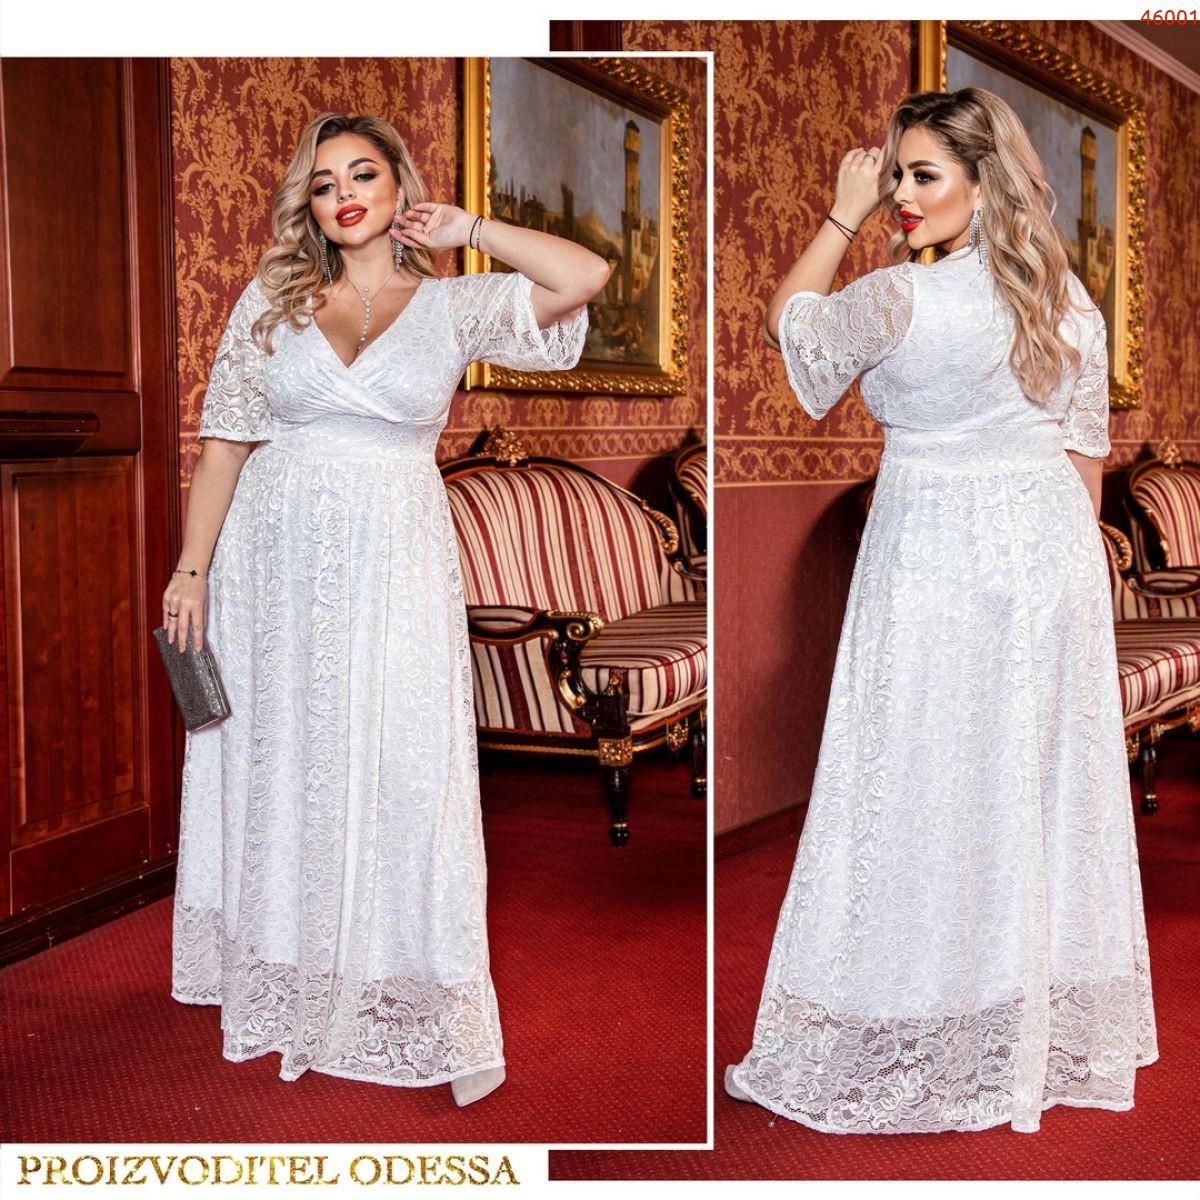 Платье №46001